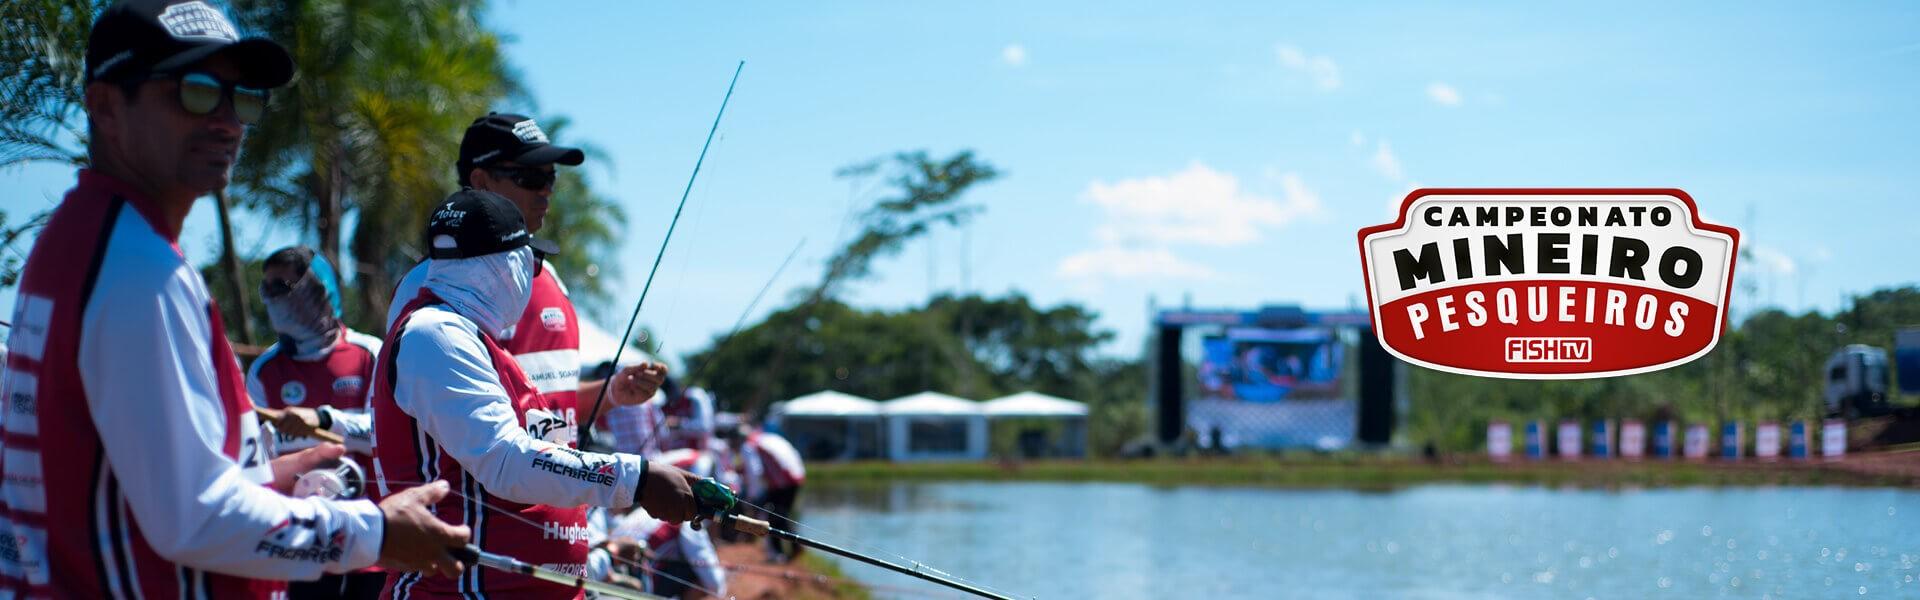 Conheça a arena de pesca do Campeonato Mineiro em Pesqueiros